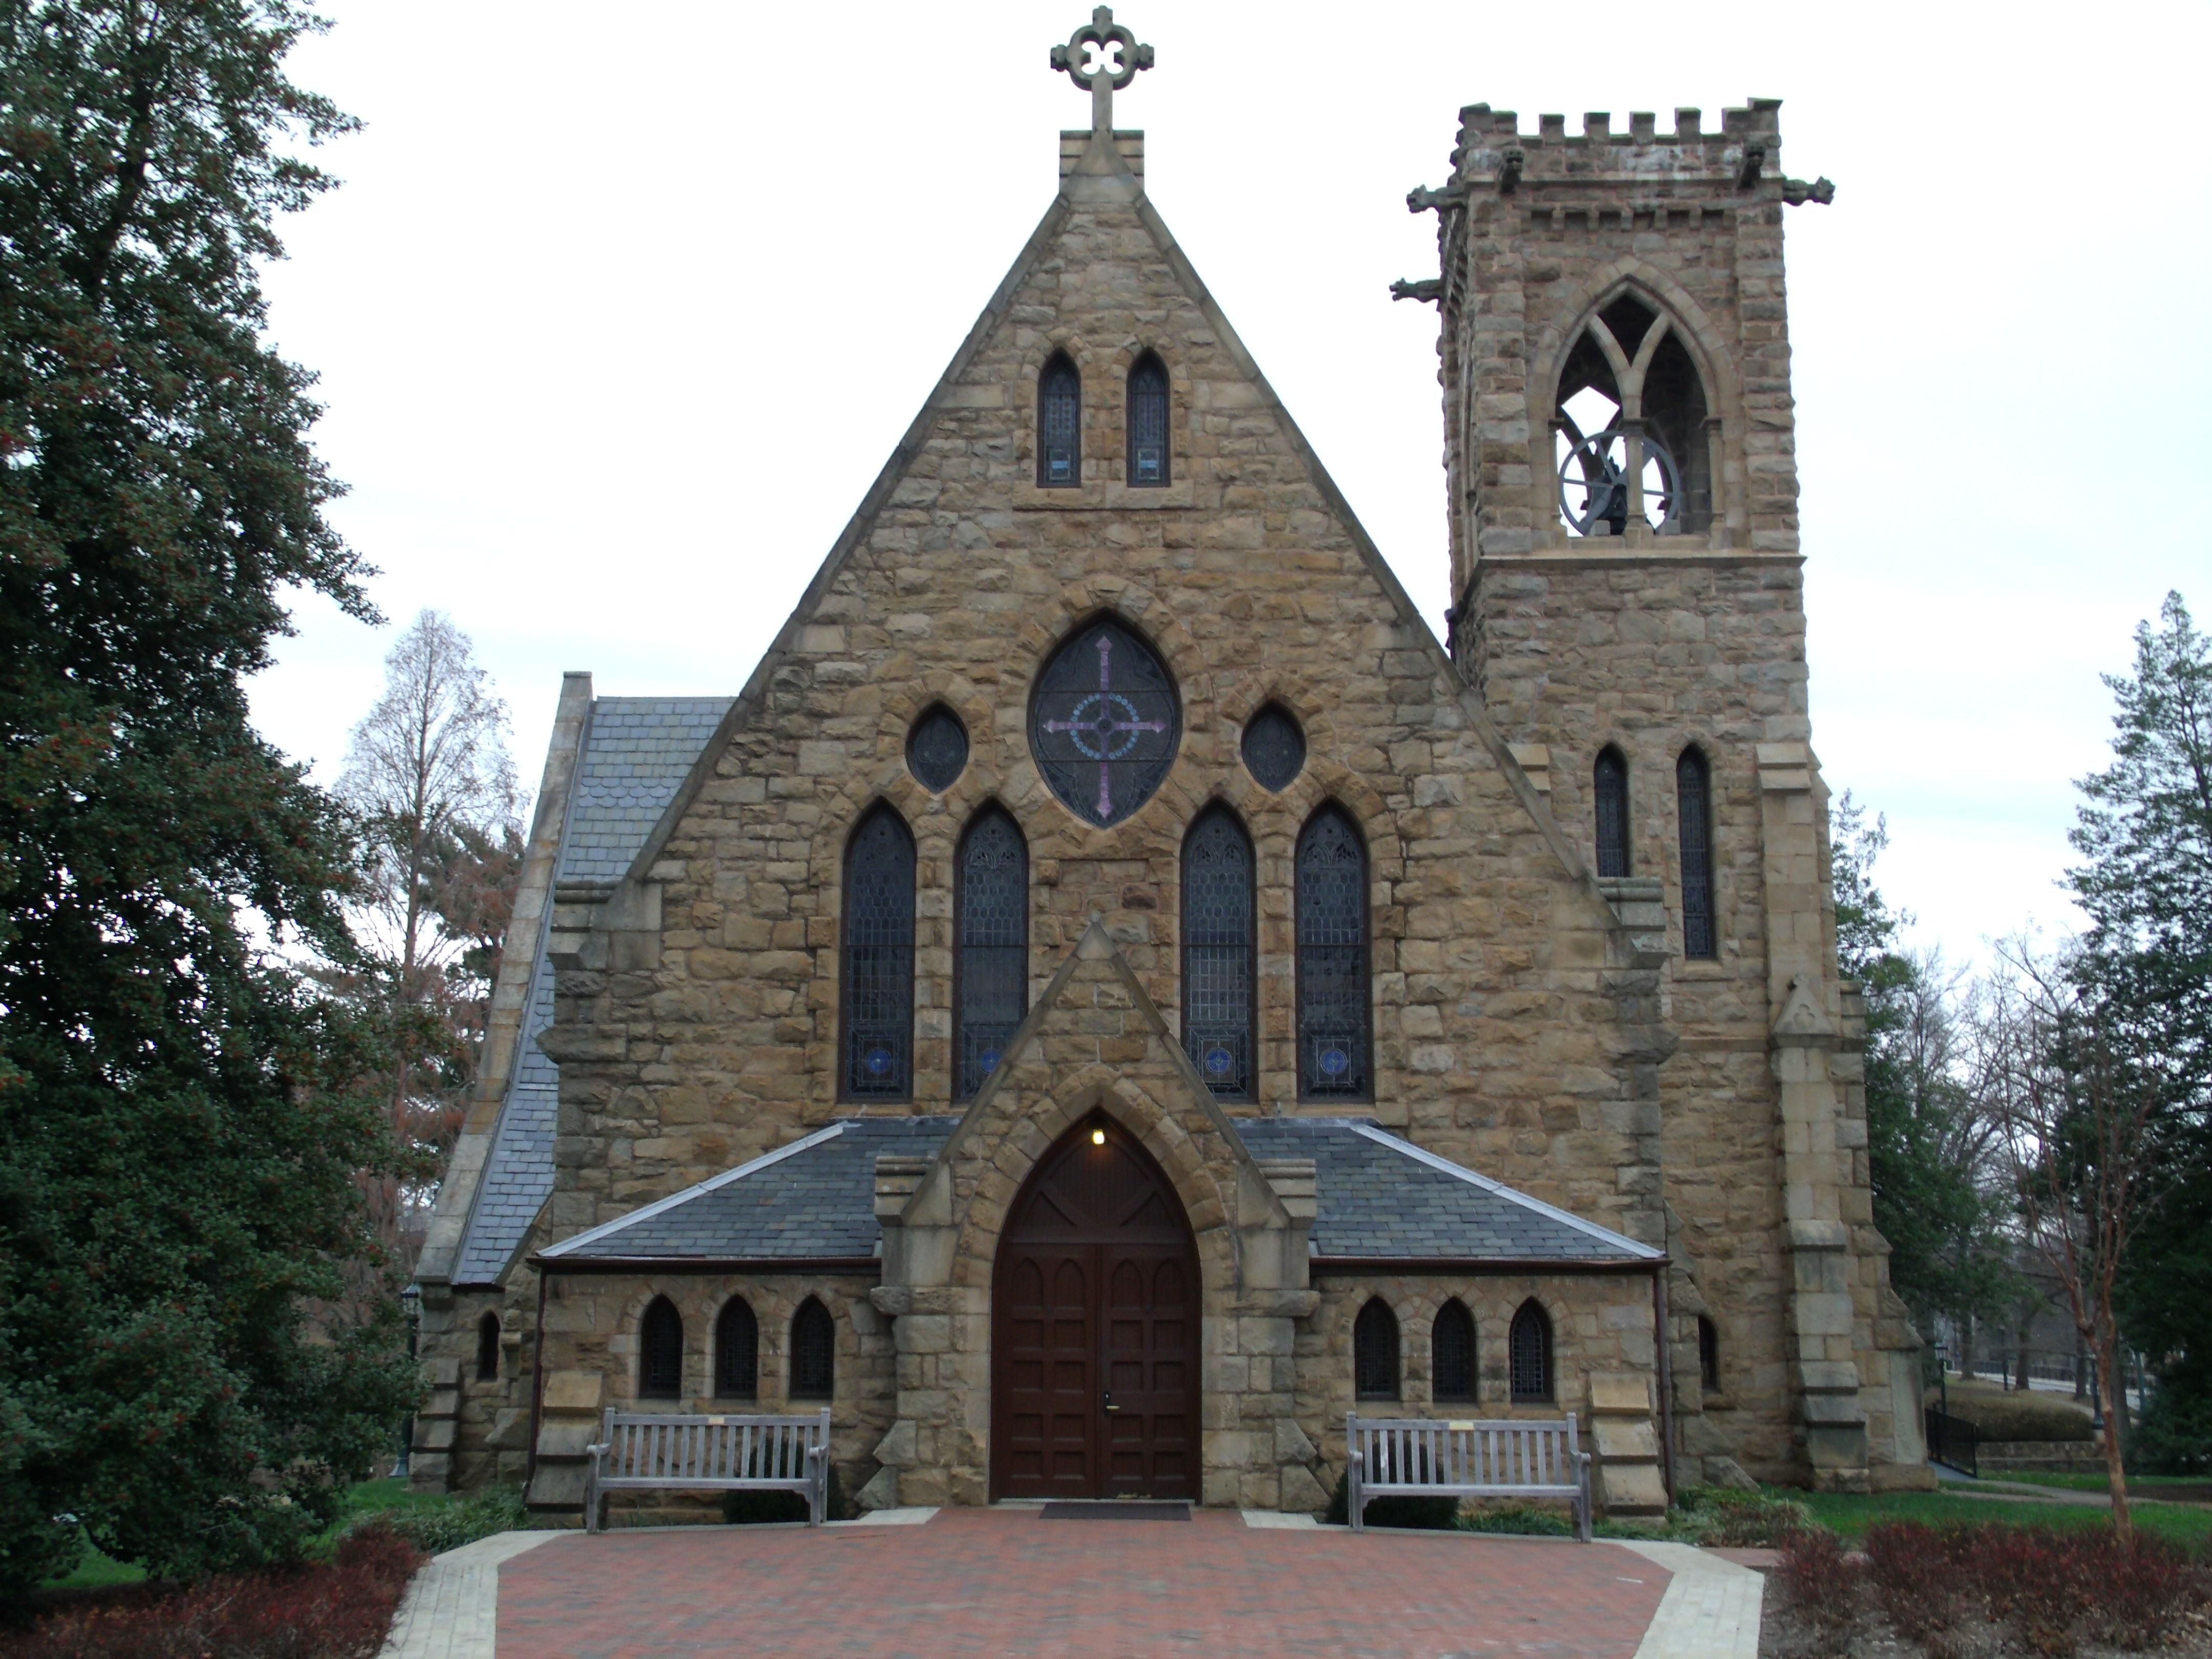 UVA佛吉尼亞大學 - 由美國總統創立,全美首屈一指的公立大學